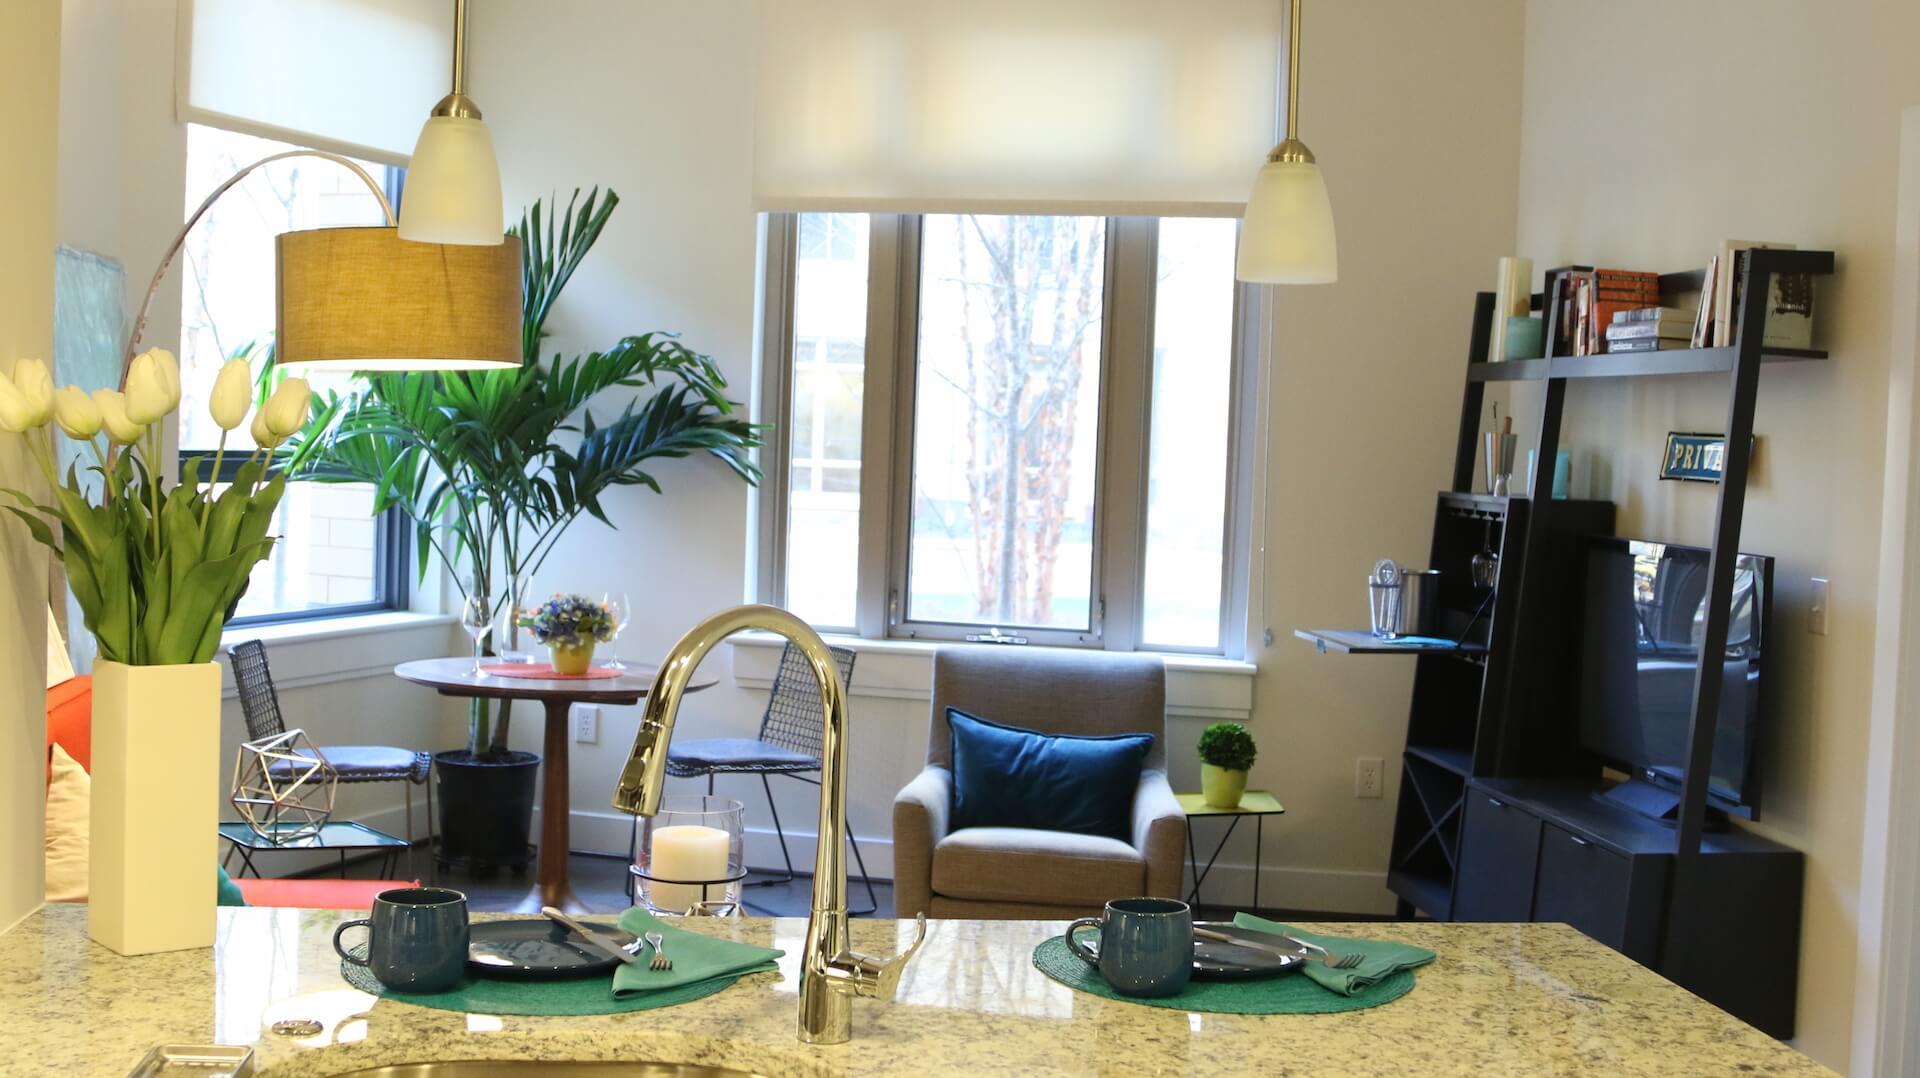 park-chelsea-apartments-preview-tour-living-room